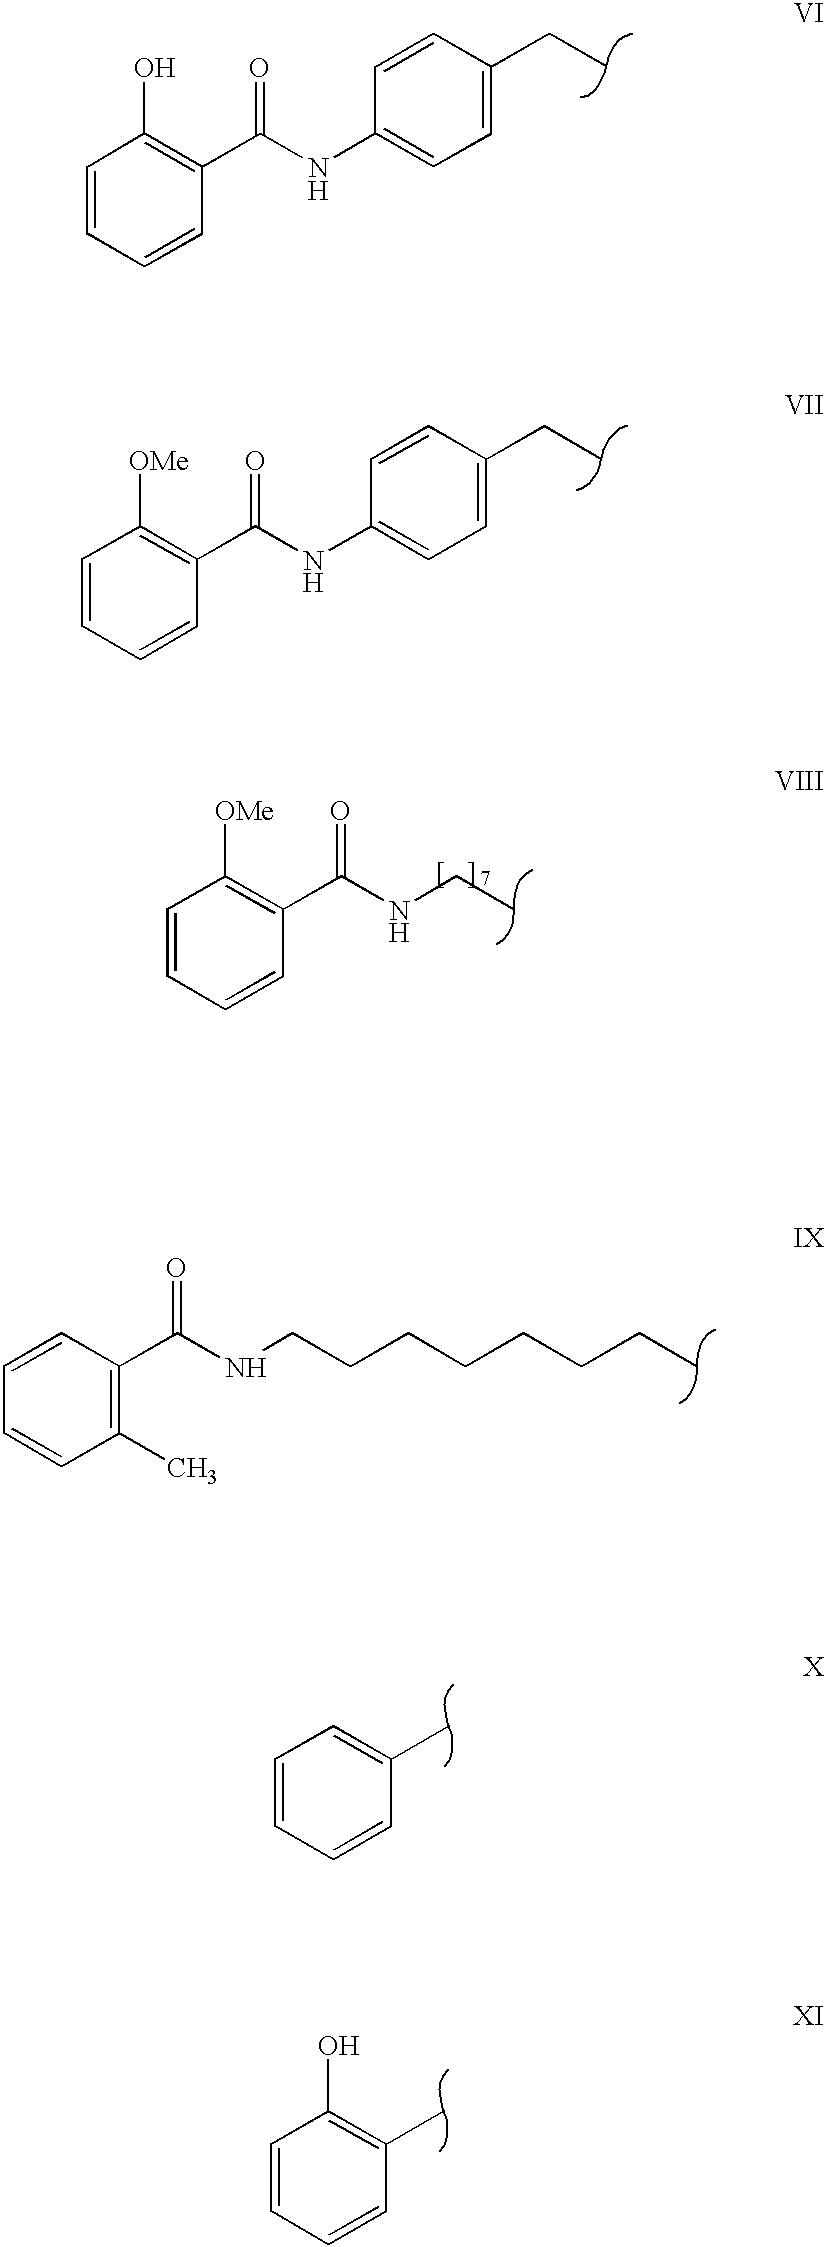 Figure US06627228-20030930-C00004